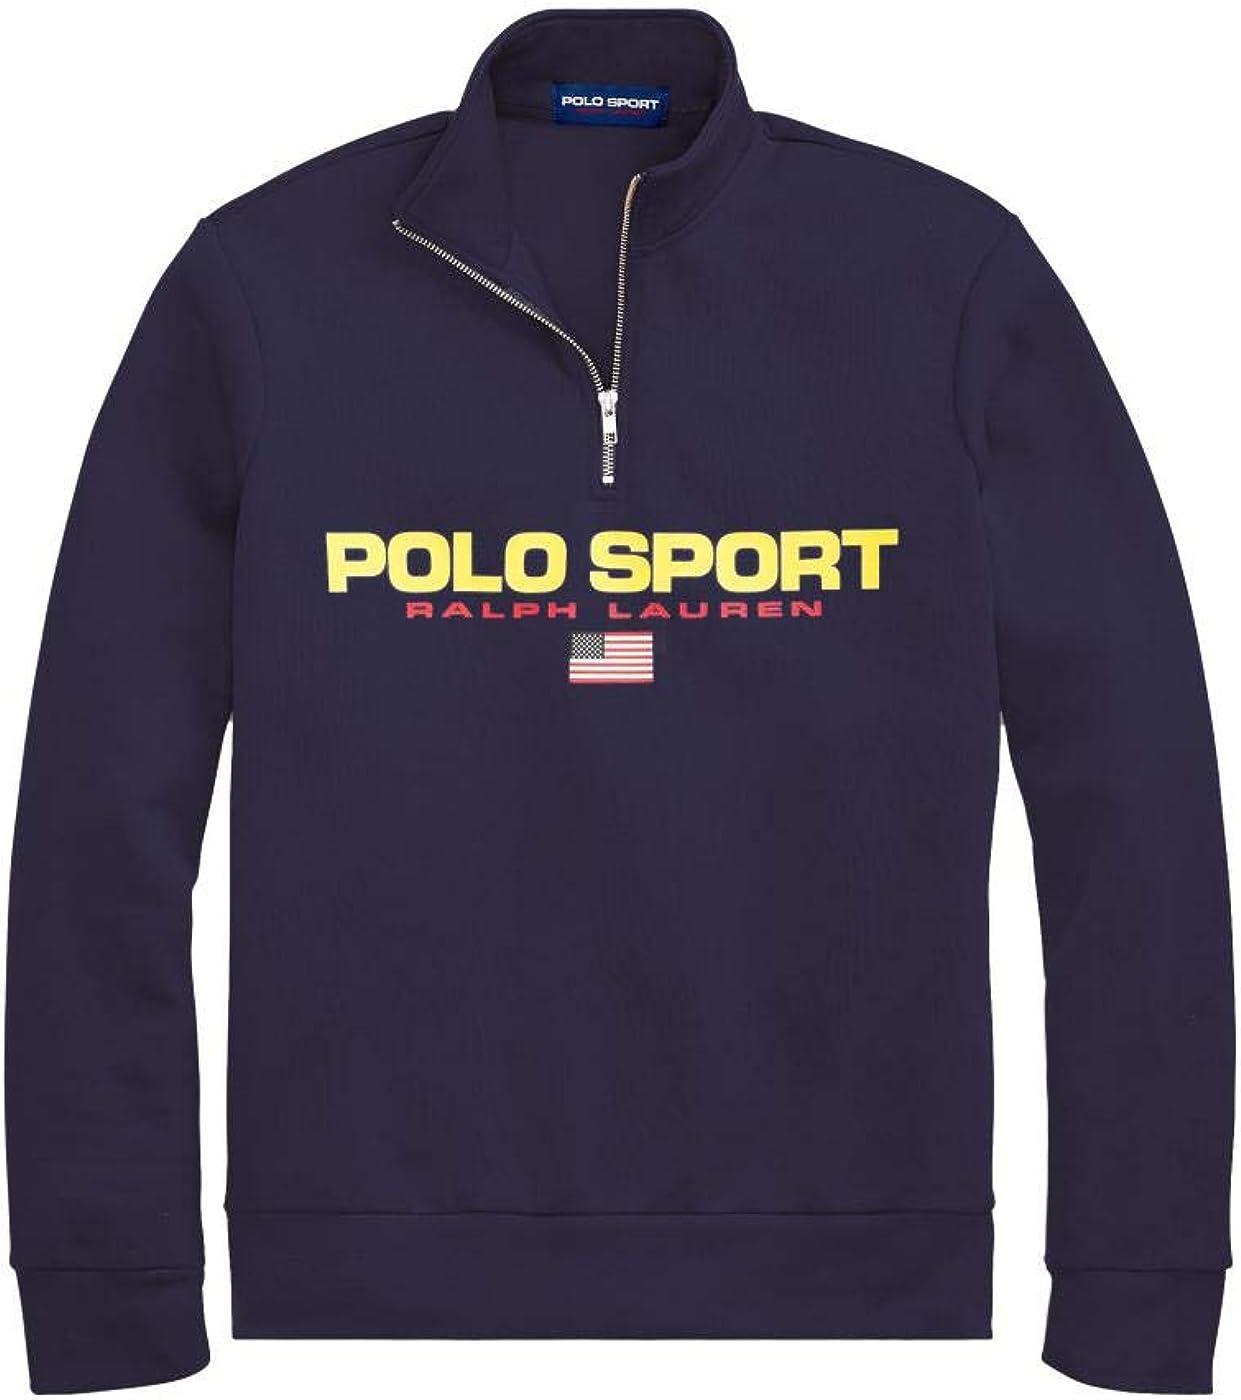 Felpa Ralph Lauren Polo Sport Marino Hombre S Azul: Amazon.es ...